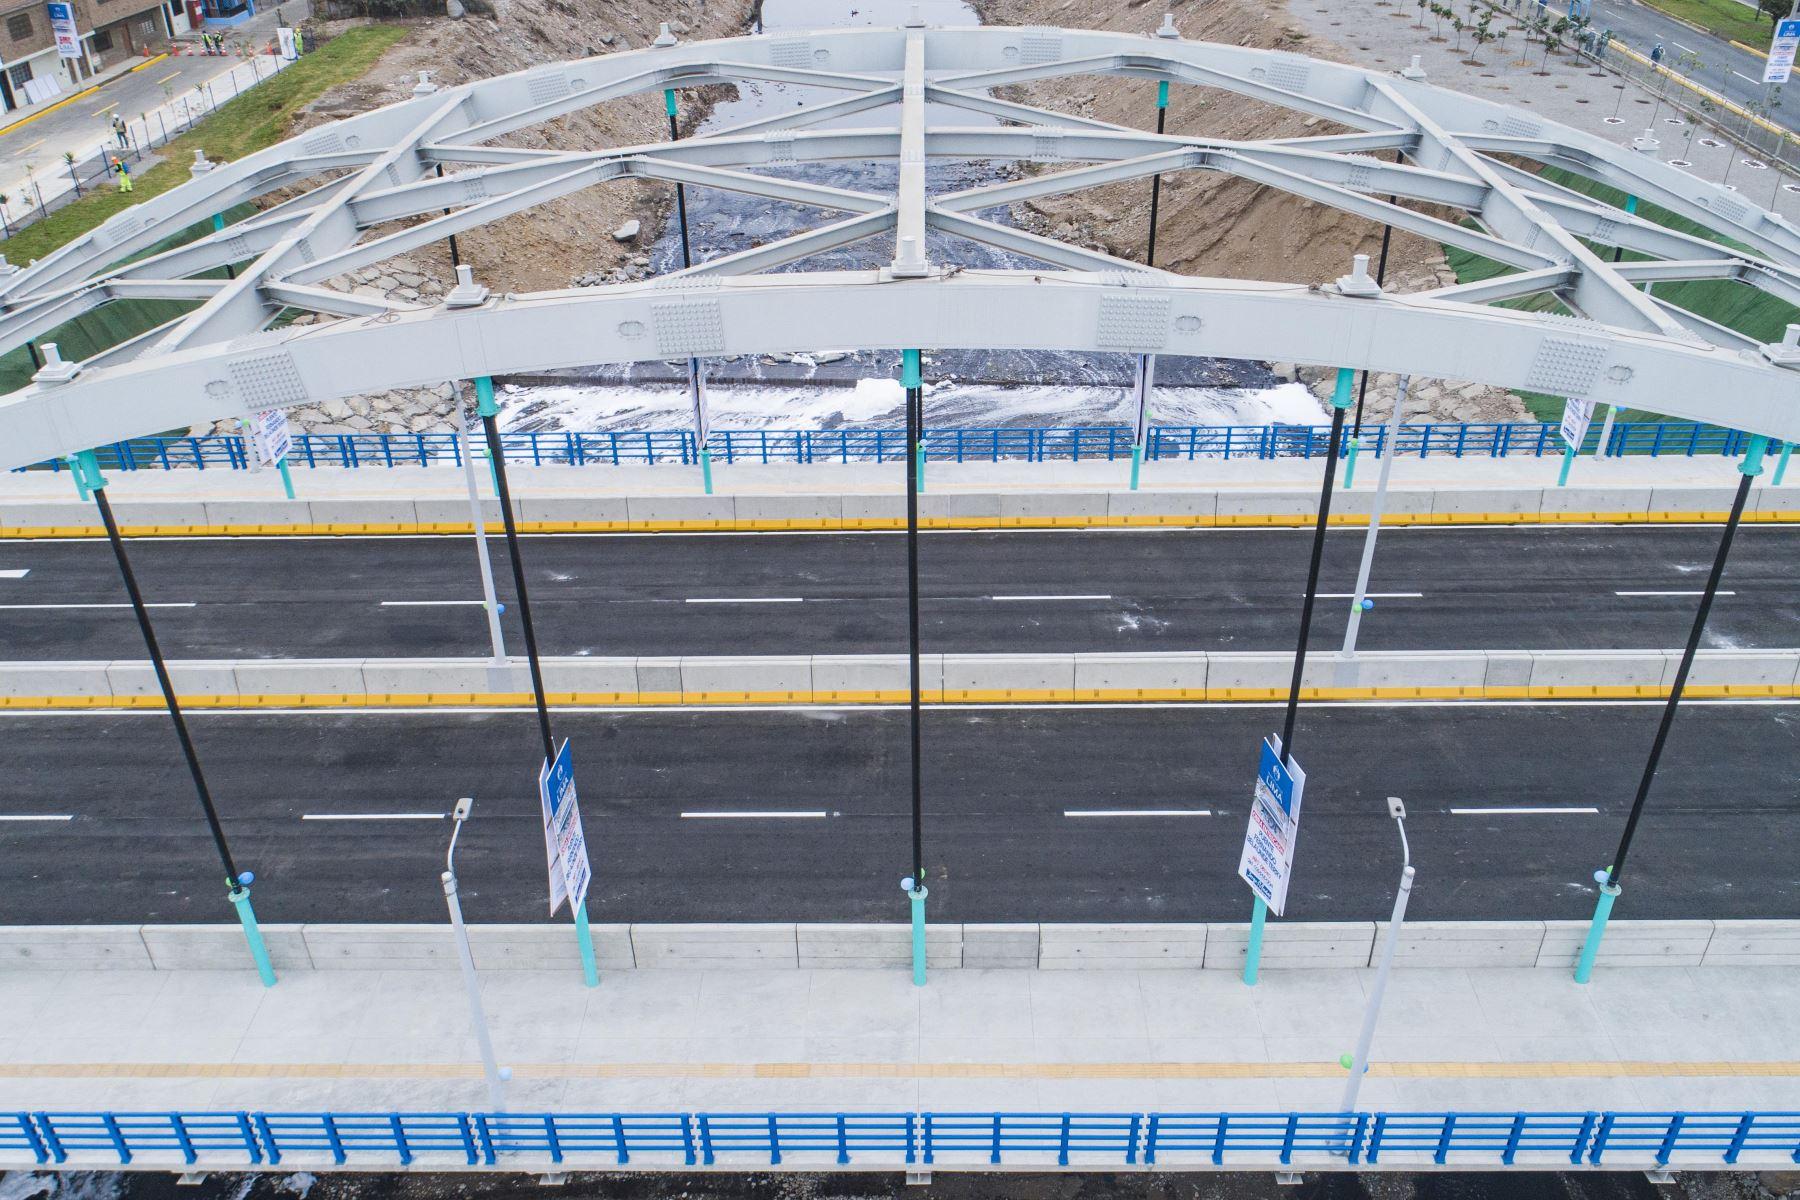 La nueva vía, que demandó una inversión de S/33 millones, conecta la Av. 12 de Octubre (San Martín de Porres) con la Av. Morales Duárez (Carmen de la Legua-Reynoso) y permitirá que los conductores que transitan por las avenidas Faucett, Universitaria y Perú lleguen en menor tiempo al aeropuerto Jorge Chávez y los hospitales Luis Negreiros y Alberto Sabogal, entre otros lugares. Foto: ANDINA/ Municipalidad de Lima